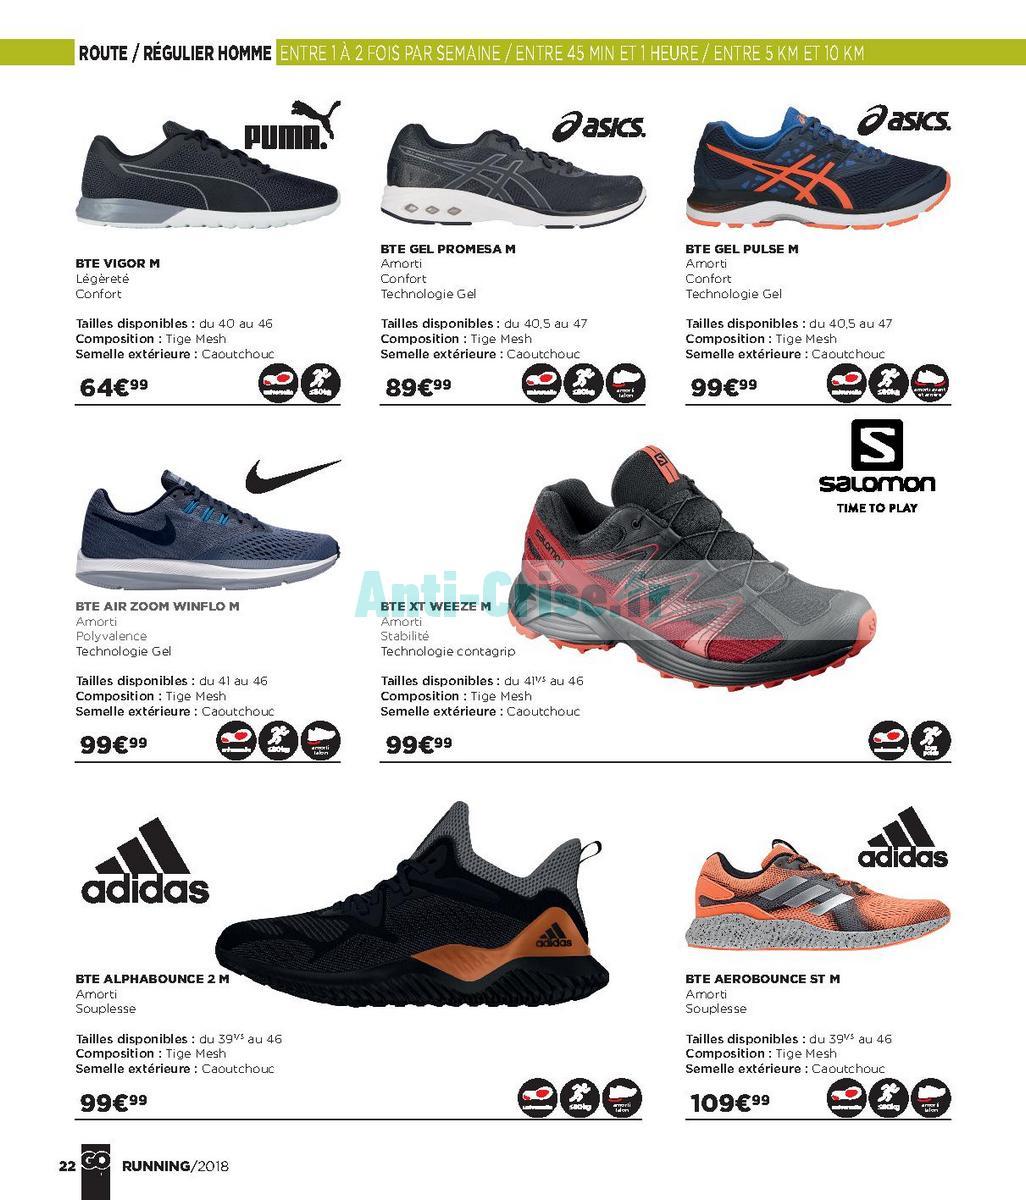 septembre2018 Catalogue Go Sport du 28 avril au 21 septembre 2018 (Running) (22)